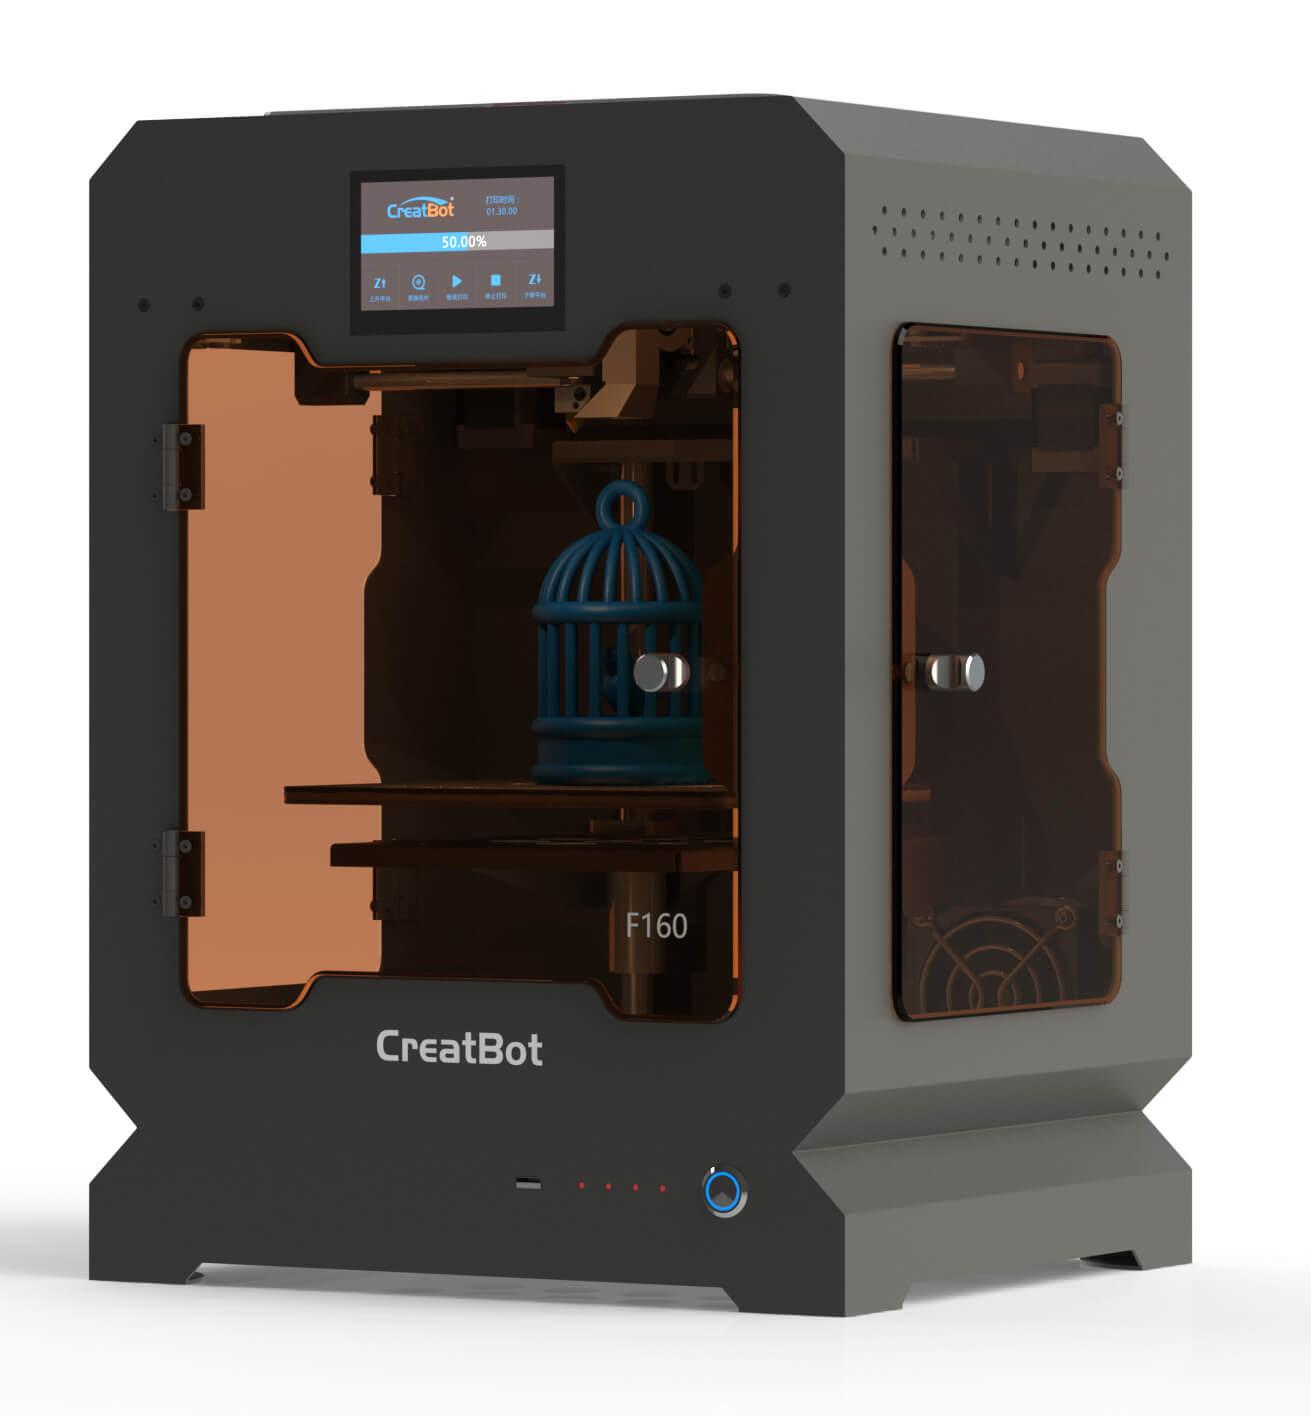 F160 CreatBot - 3D printers